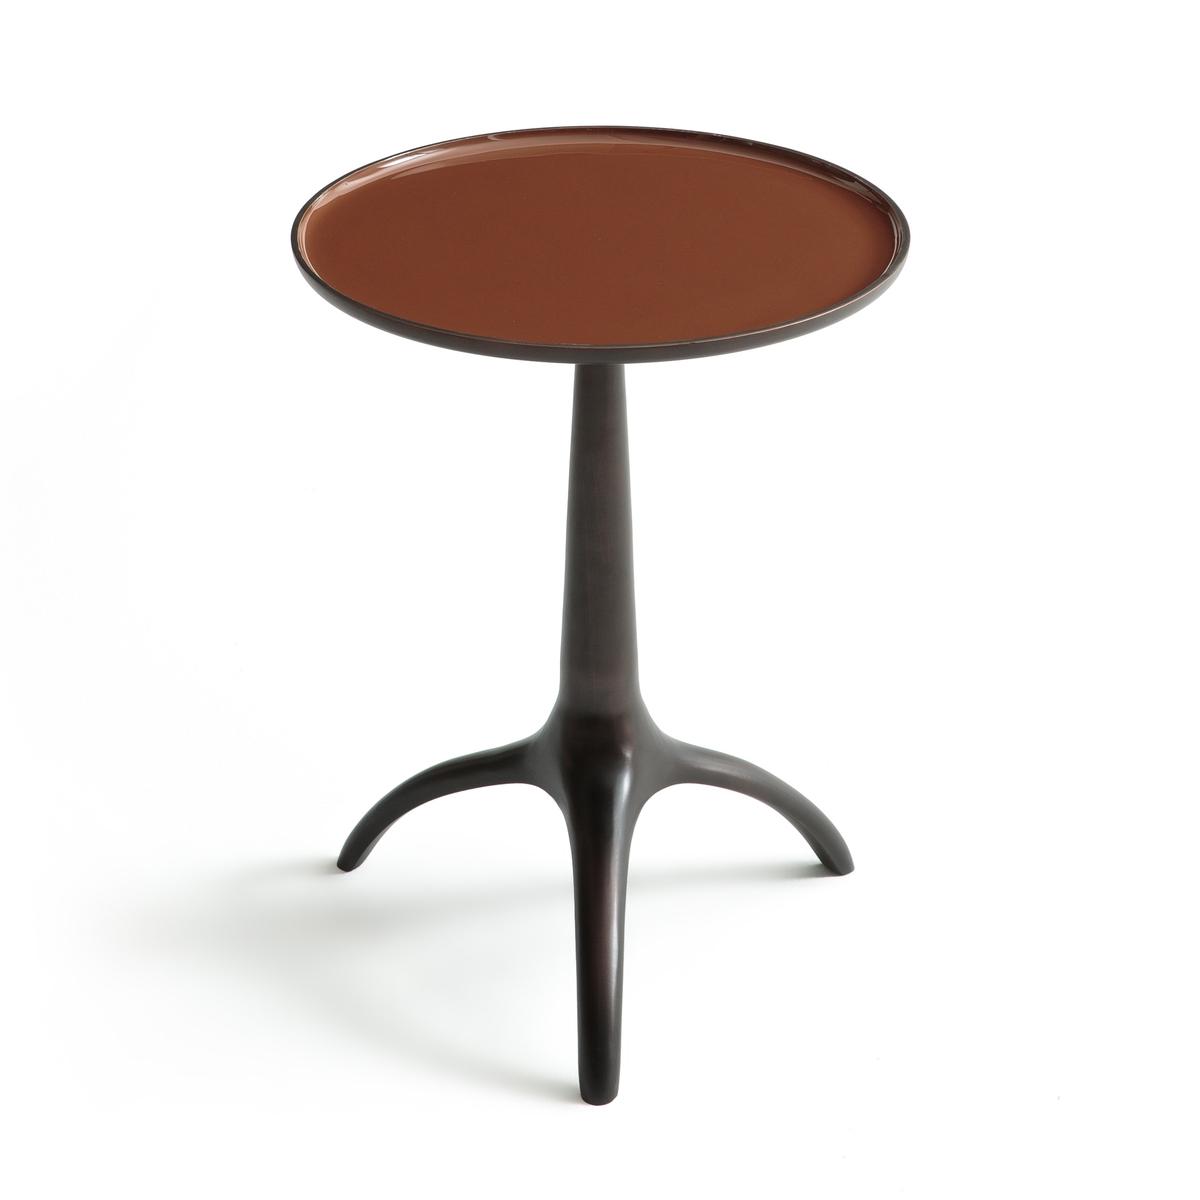 Столик В45 см, HysopeСтолик  Hysope. Можно сочетать с выдвижным столиком В62 см Hysope, который продаётся на сайте.Характеристики :- Из алюминия с эмалевой отделкой на столешнице и ножками из состаренной меди- Доставляется в собранном видеРазмер :- ?35 x 45 см Размеры и вес ящика :- Ш42 x В55 x Г42 см, 5,6 кг<br><br>Цвет: розовый,серо-бежевый